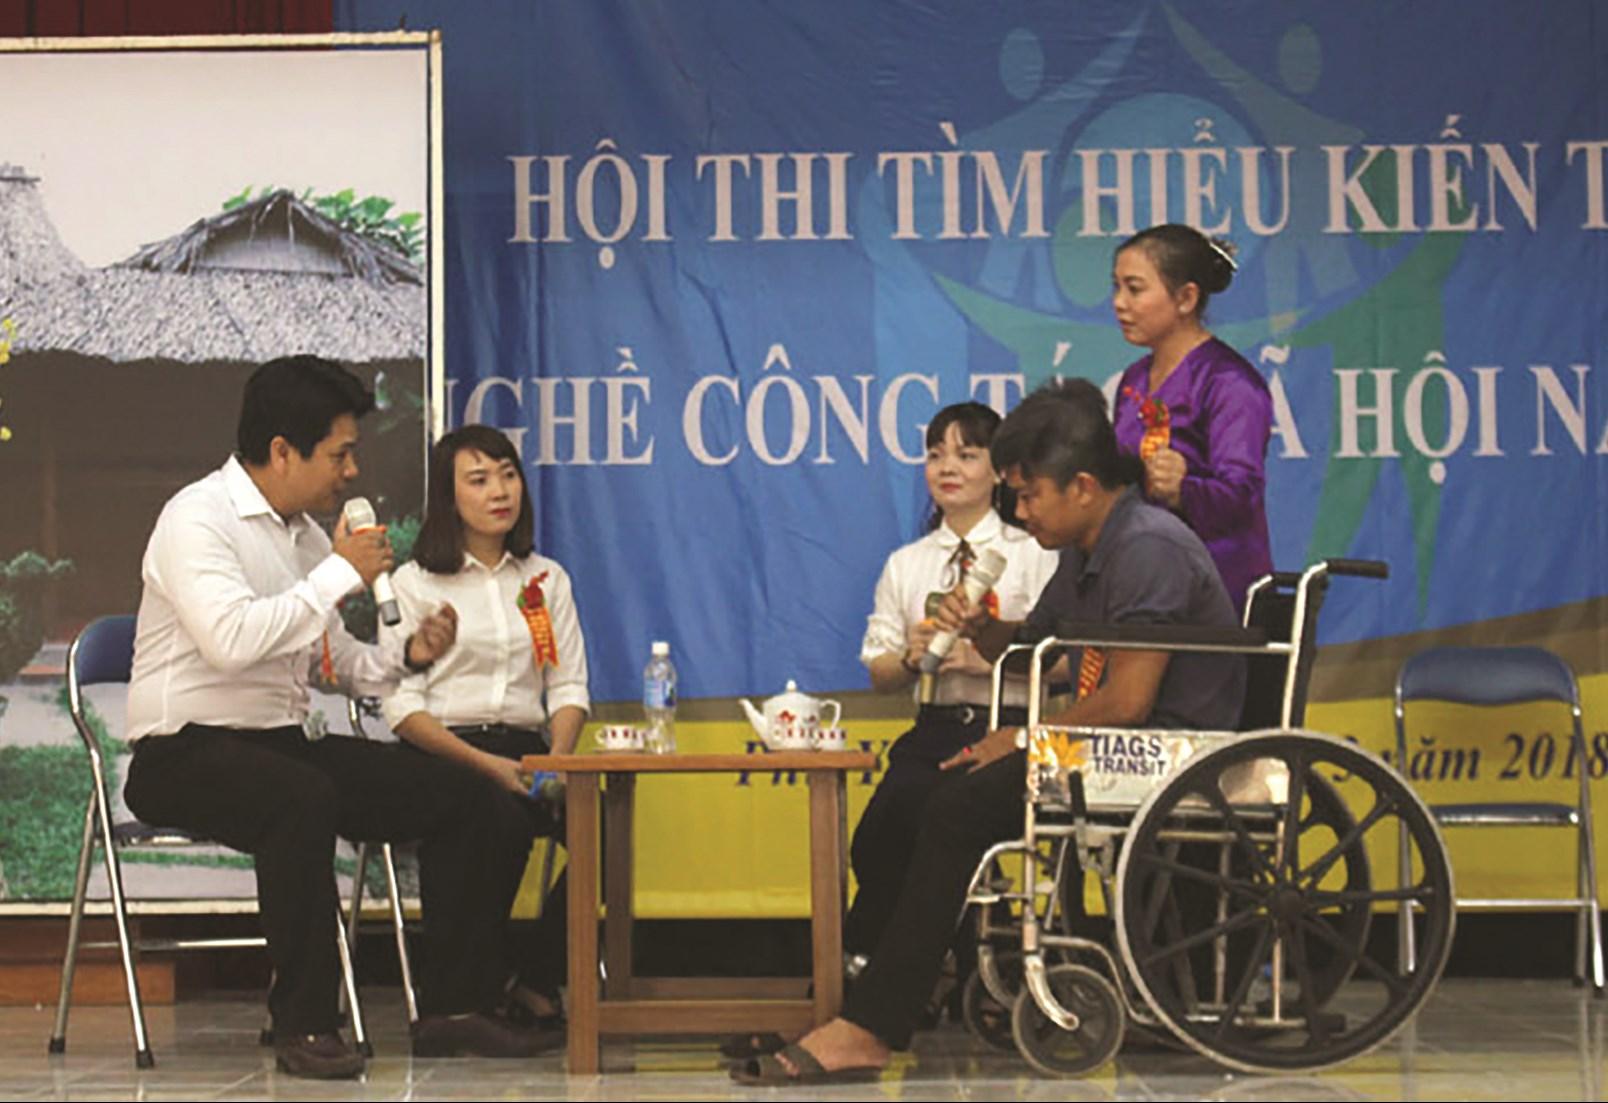 Phú Yên tổ chức các cuộc thi để hiểu hơn về nghề CTXH